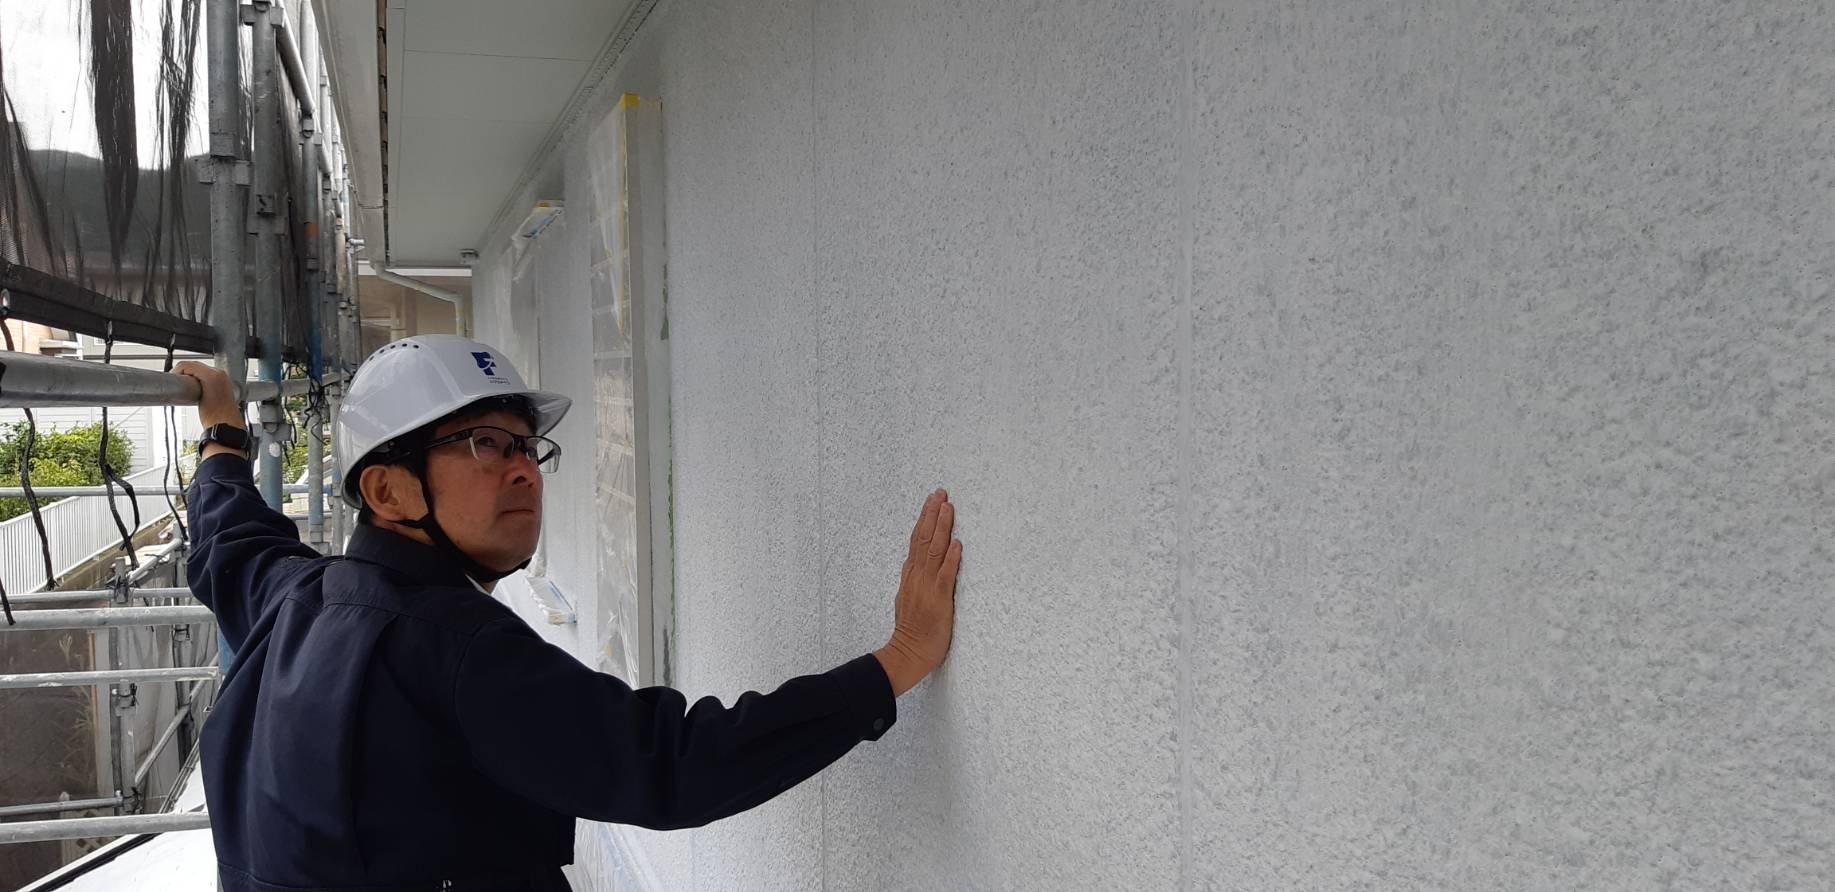 福岡県自由ヶ丘南H様邸施工4日目中間検査屋根縁切り中塗り外壁中塗り作業